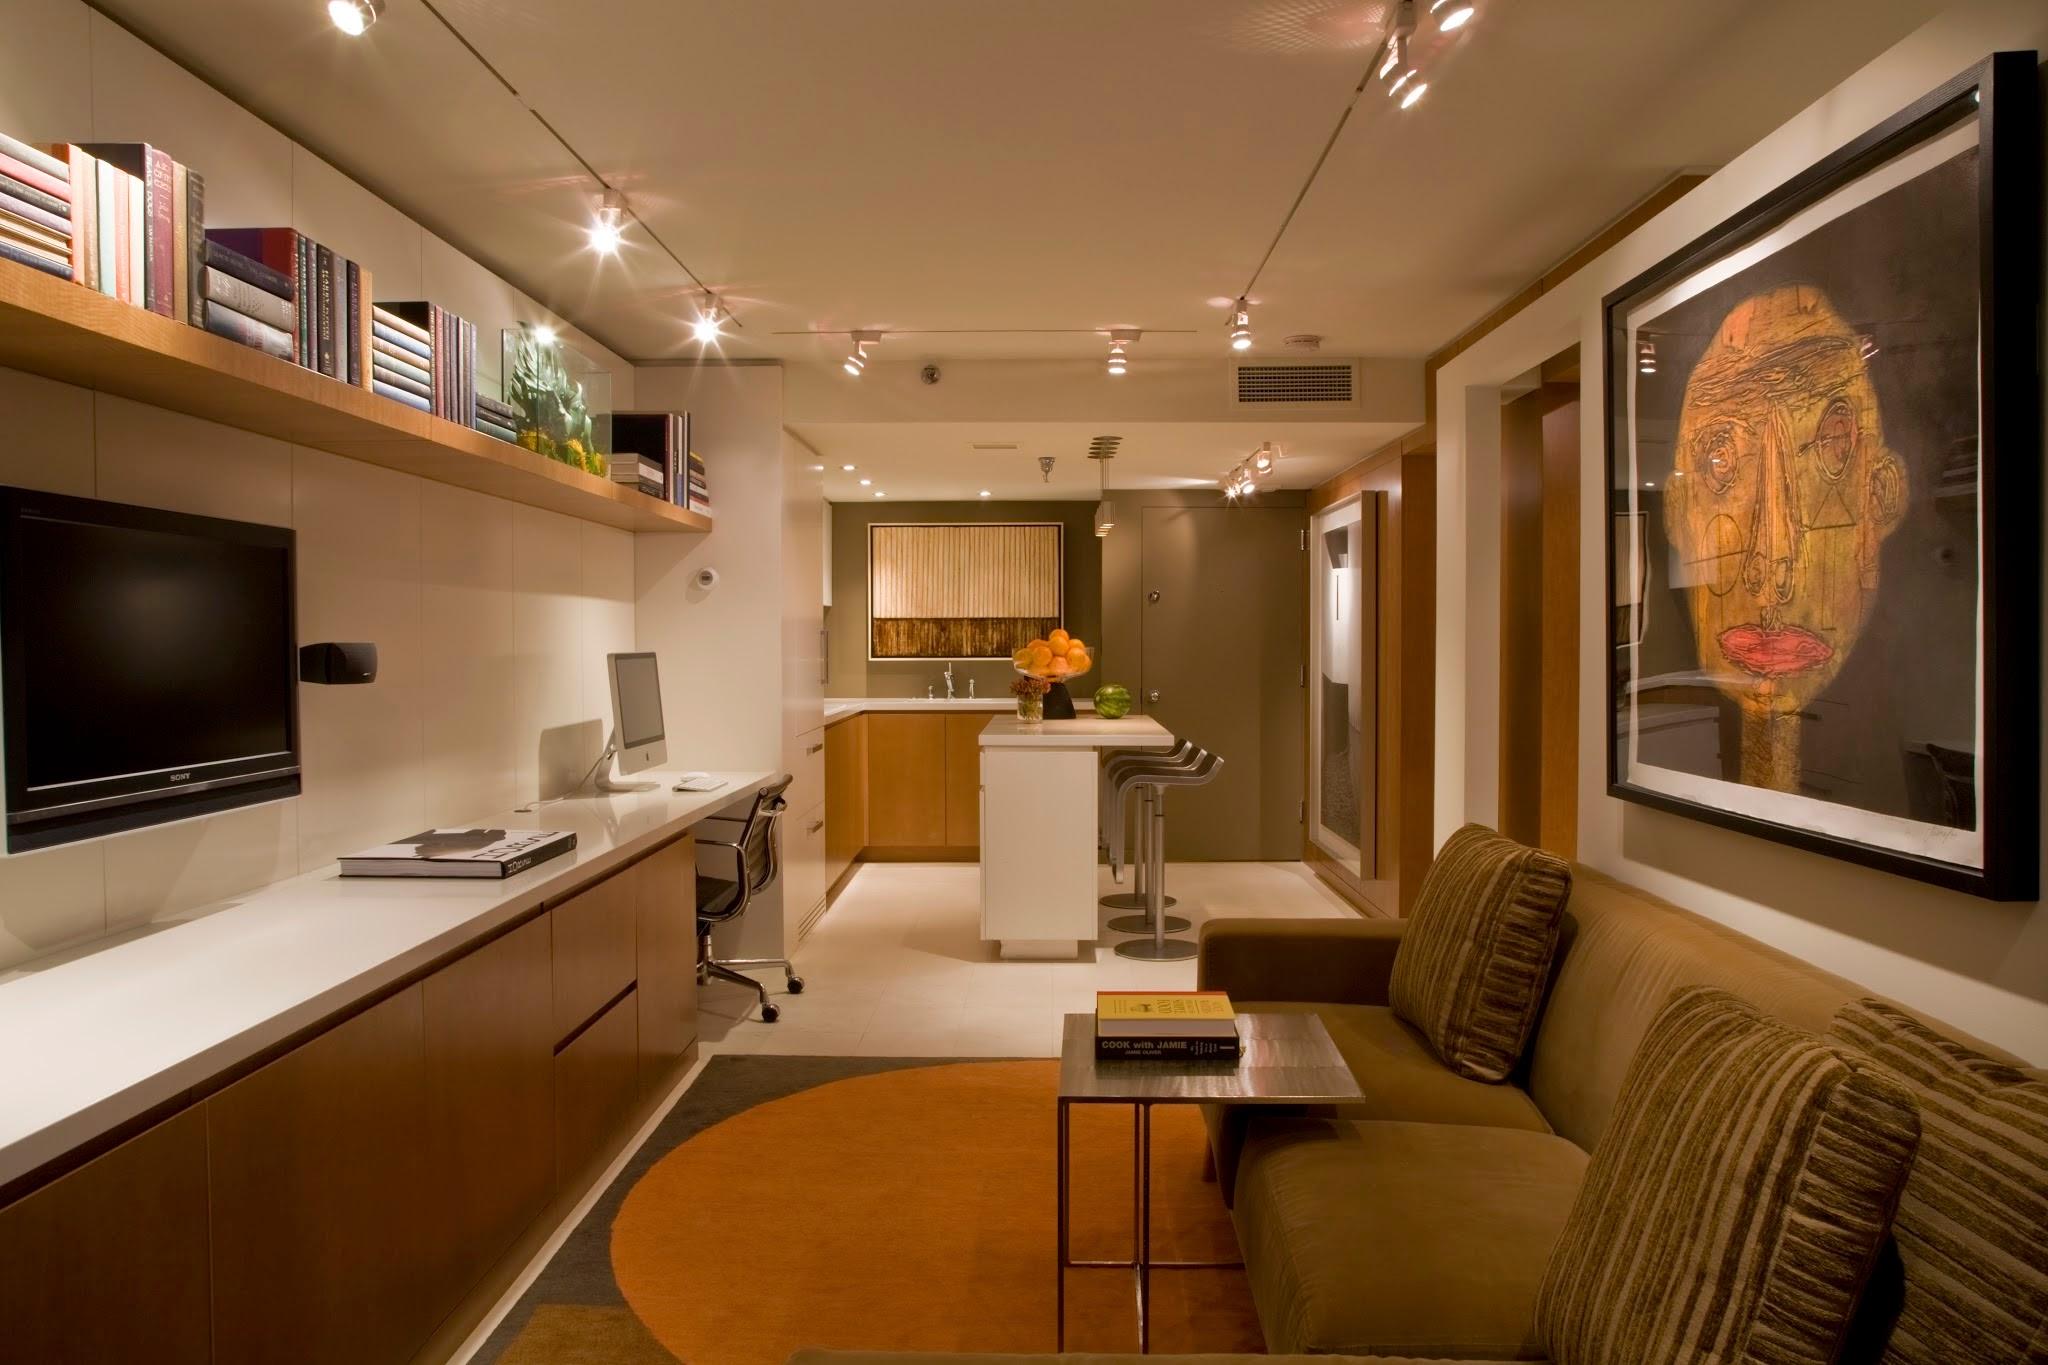 Узкая кухня гостиная 20 квм дизайн